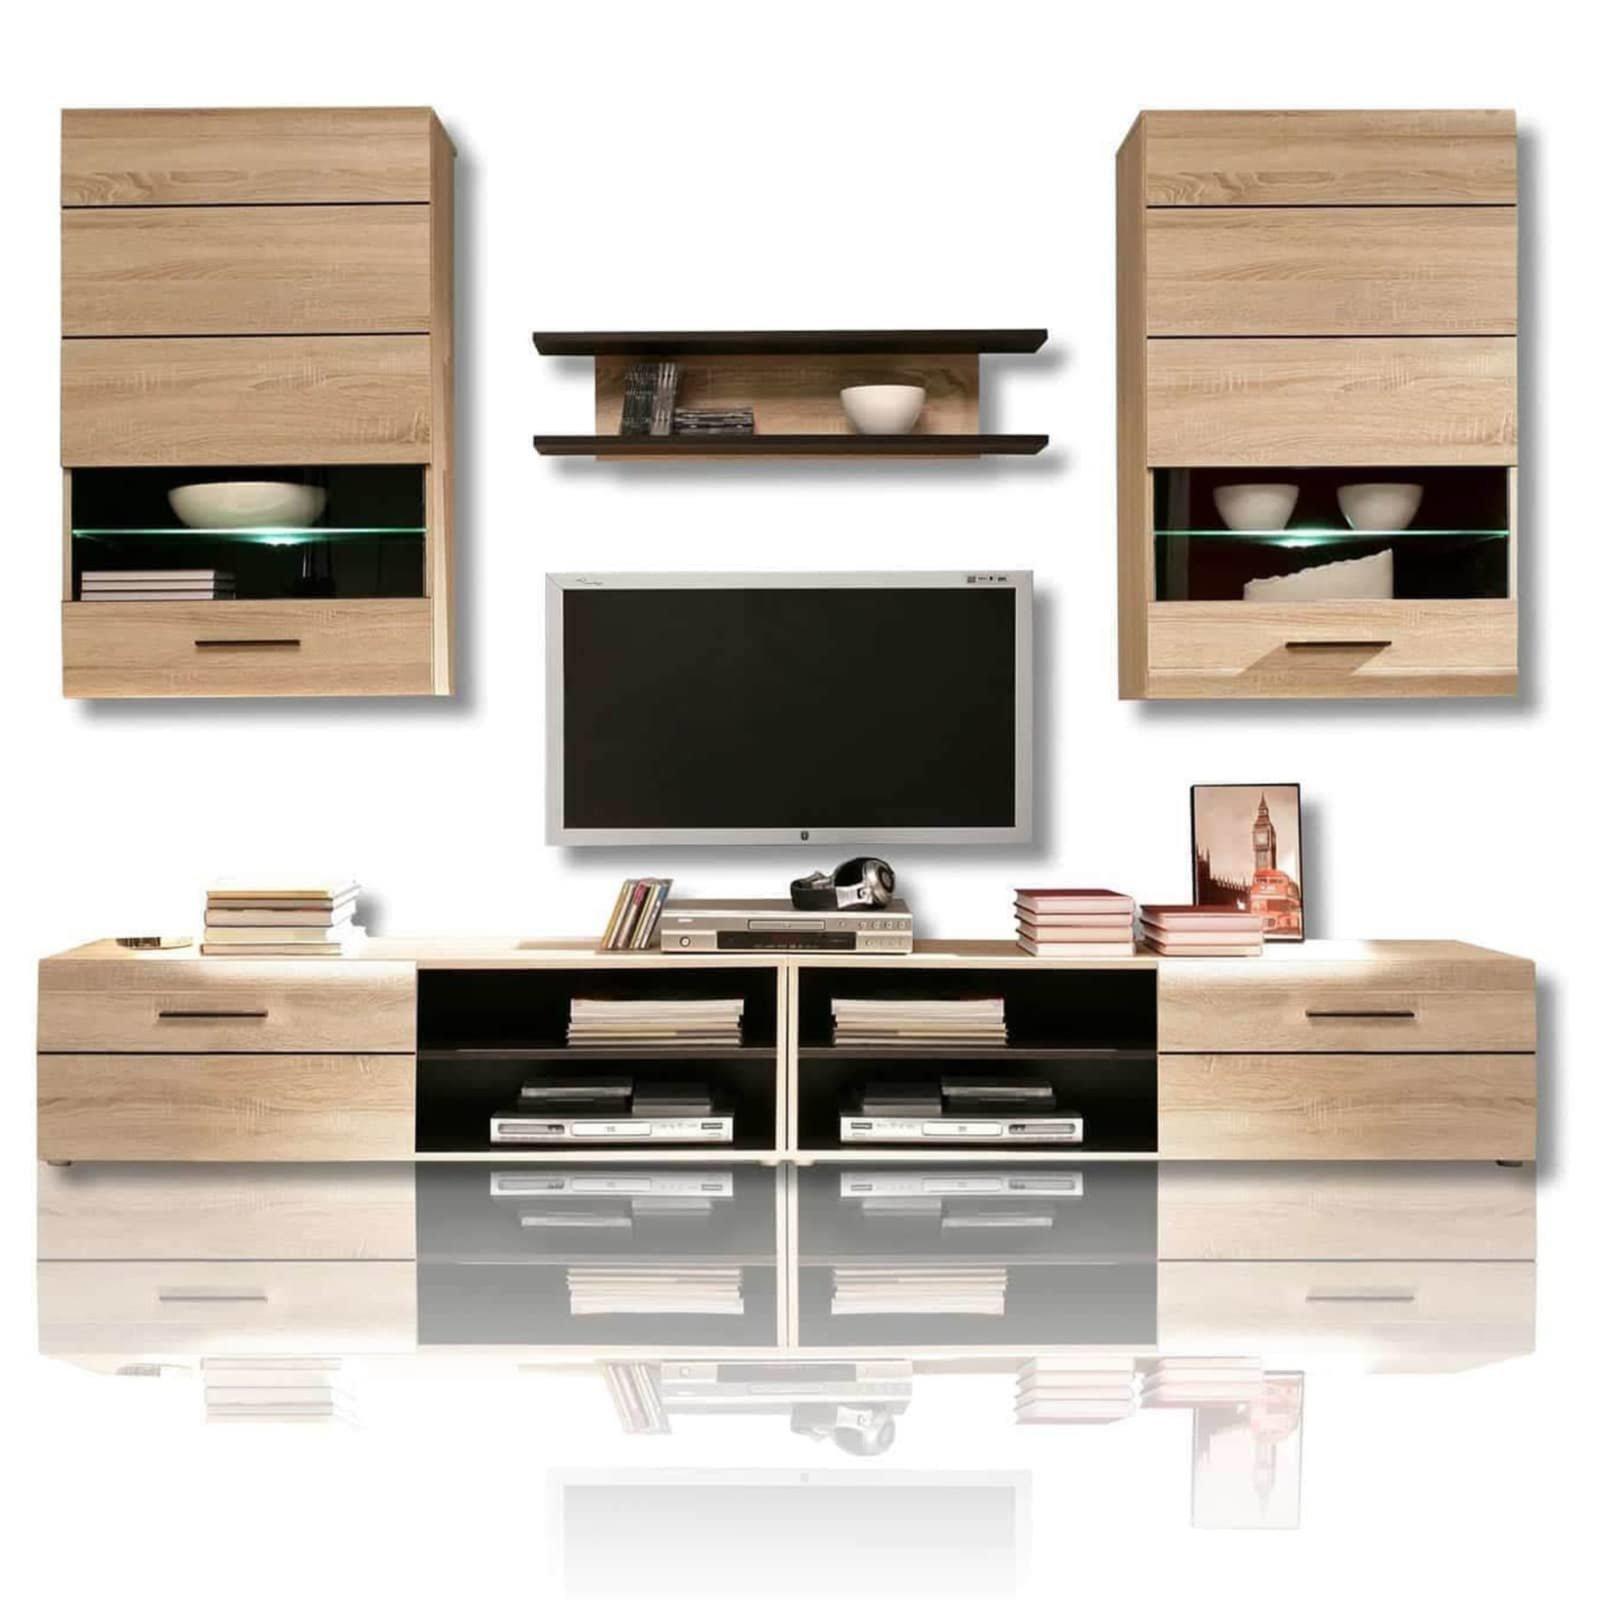 wohnwand combino 246 cm breit wohnw nde wohnw nde m bel roller m belhaus. Black Bedroom Furniture Sets. Home Design Ideas